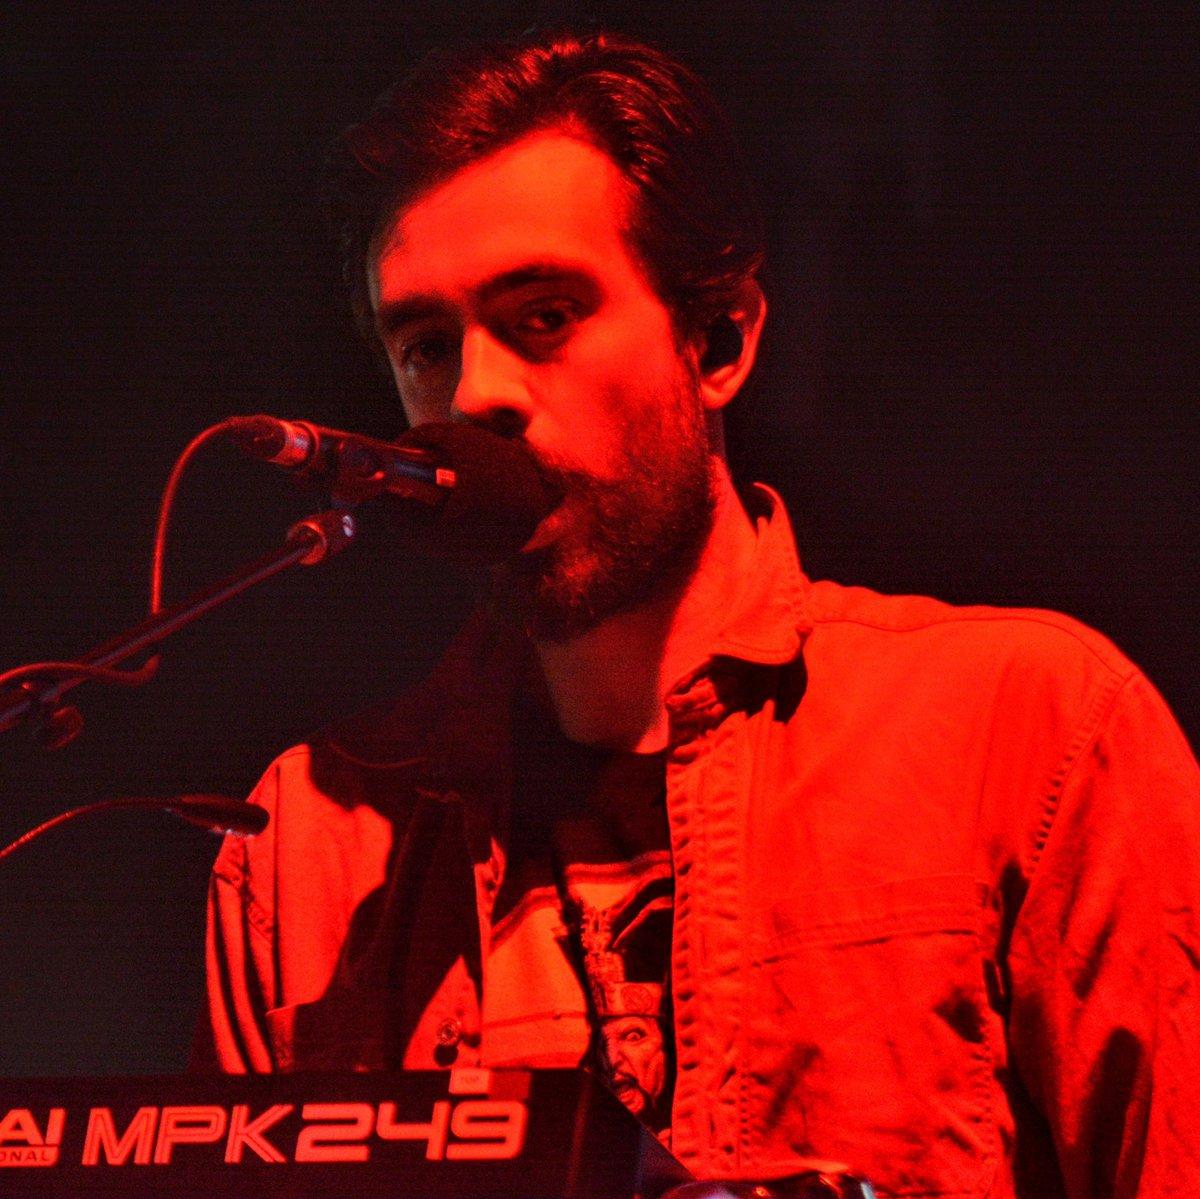 #qpm #quarterpastmidnight #badblood #survivin #wygd  #bastille #NOLA #NOLATwitter #rock #love #Saints #CFBPlayoff #doomdays #nataldrums #drummer #uk #USA